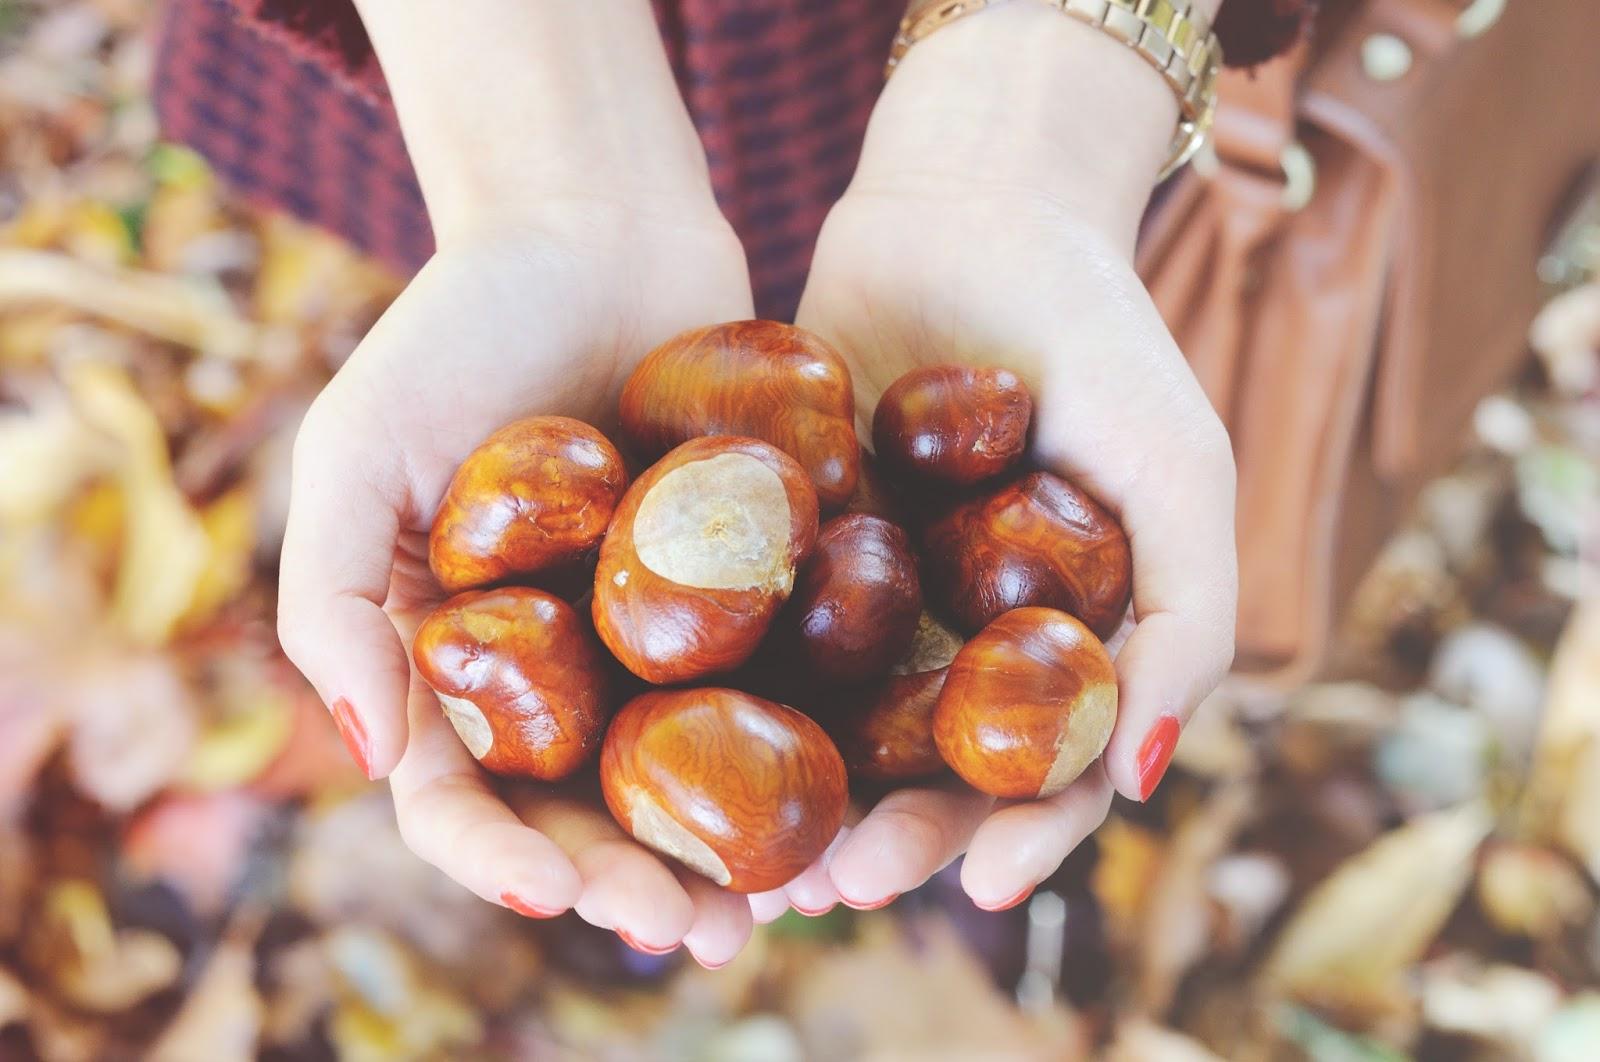 conkers, british autumn, autumn, autumn photos